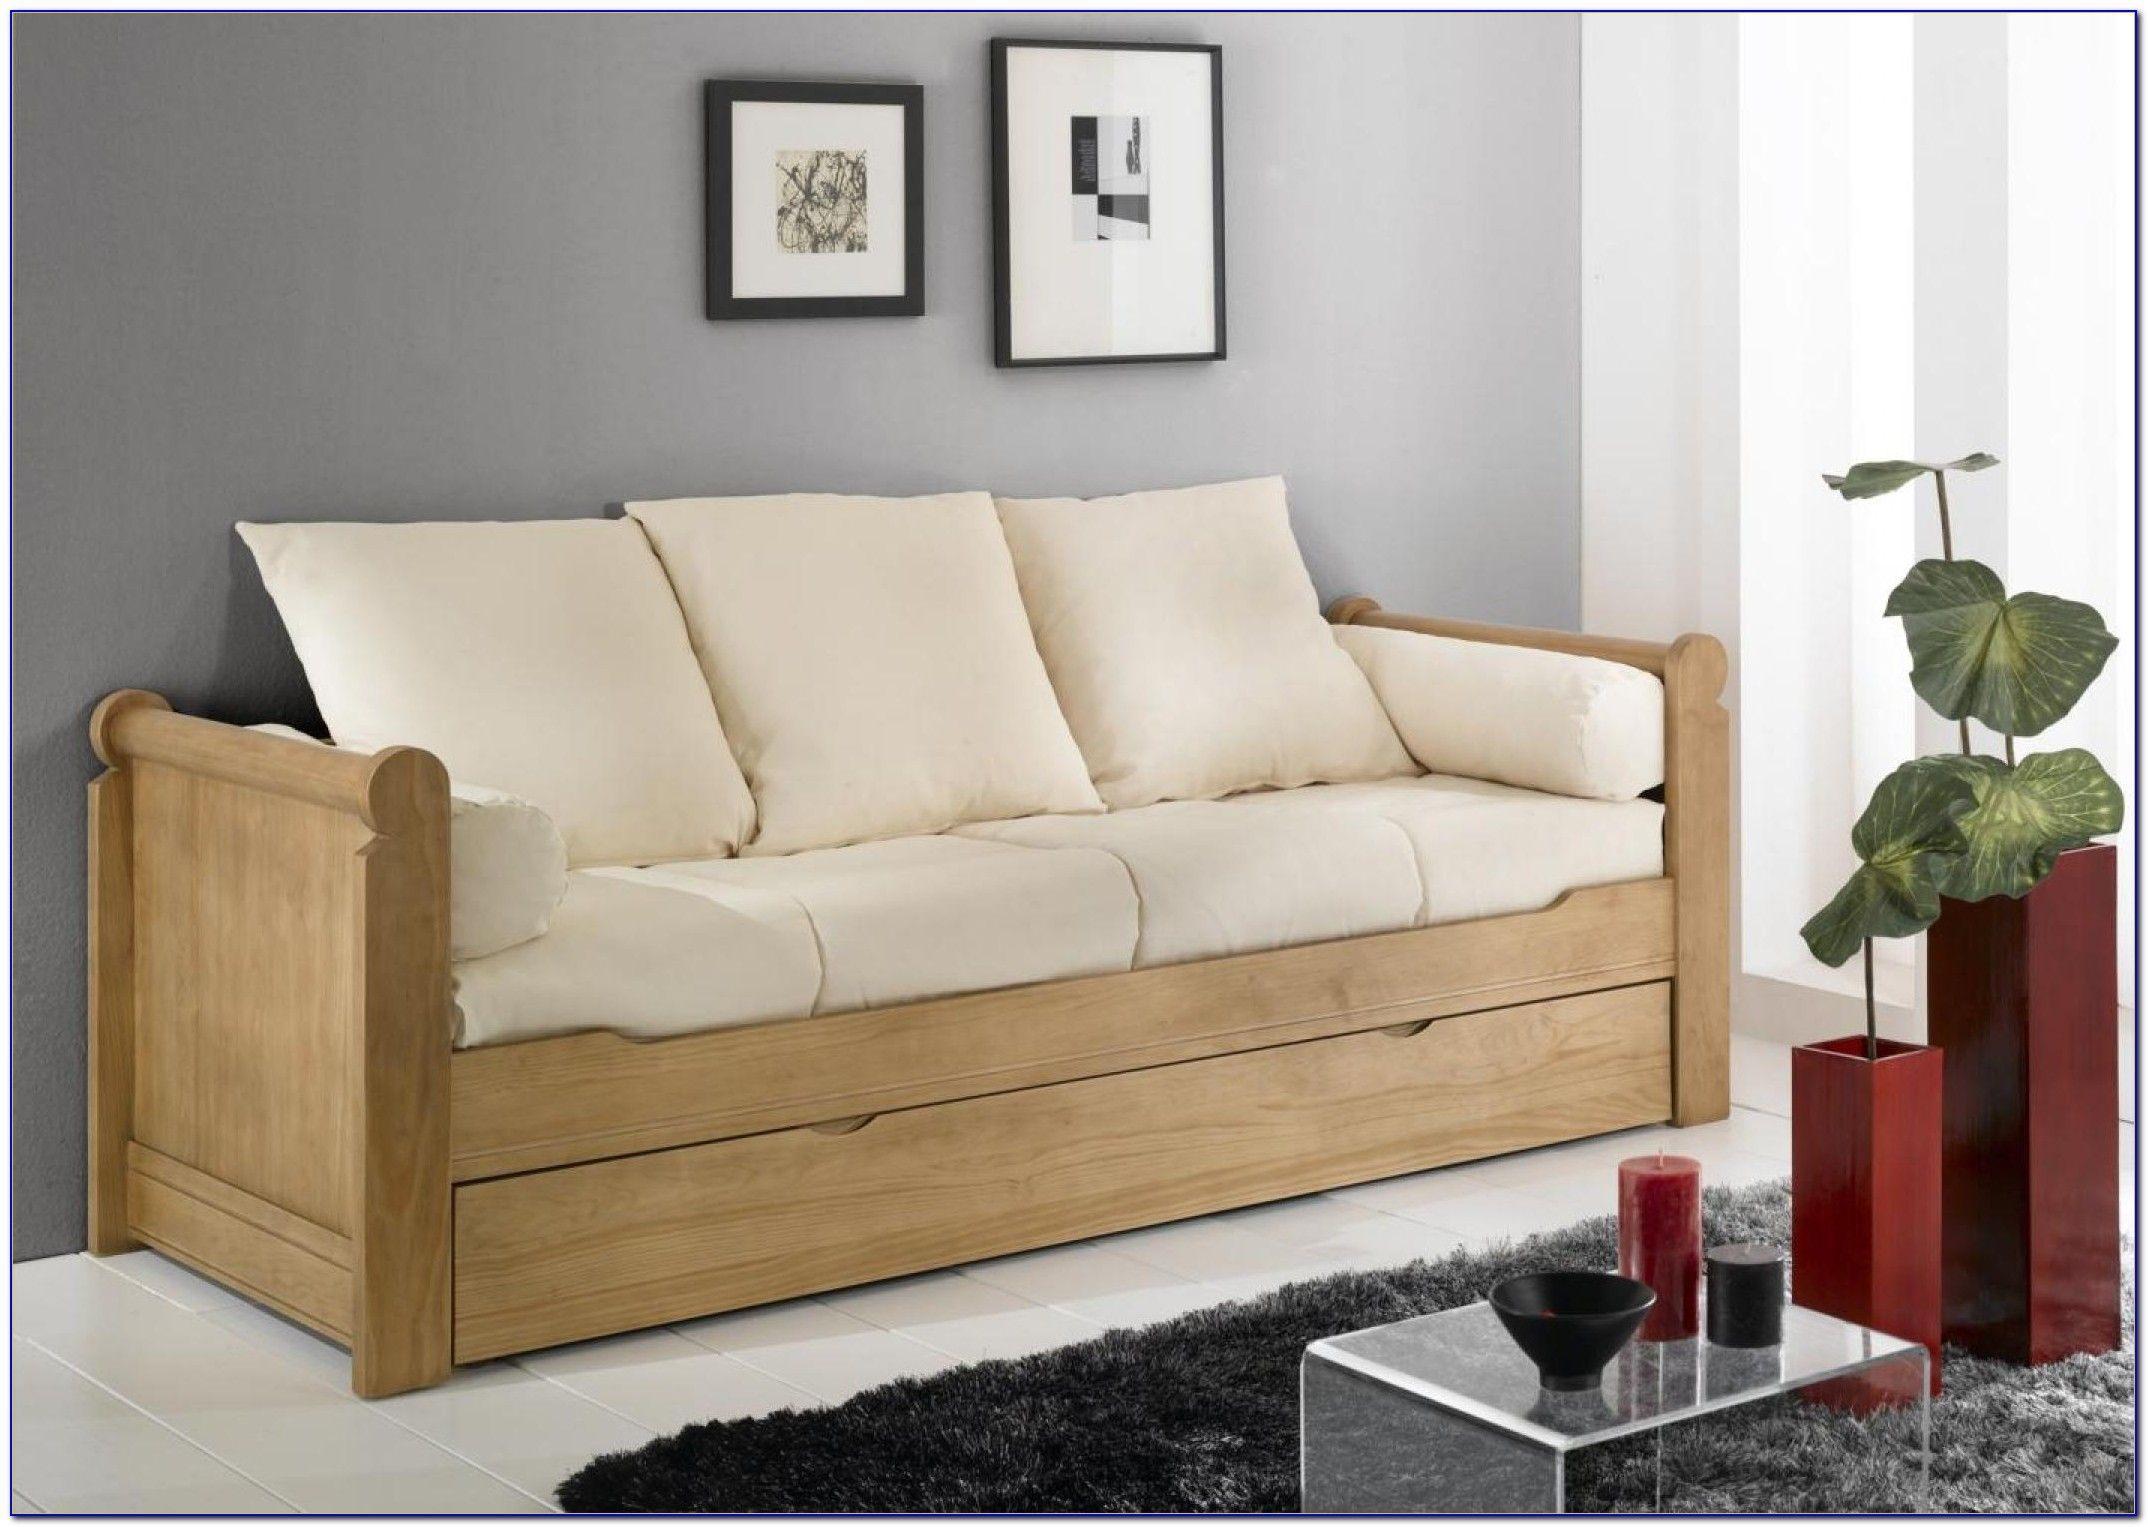 Lit Superposé Avec Matelas Douce Joli Lit Superposé Canapé Dans Luxury Canapé Lit Matelas